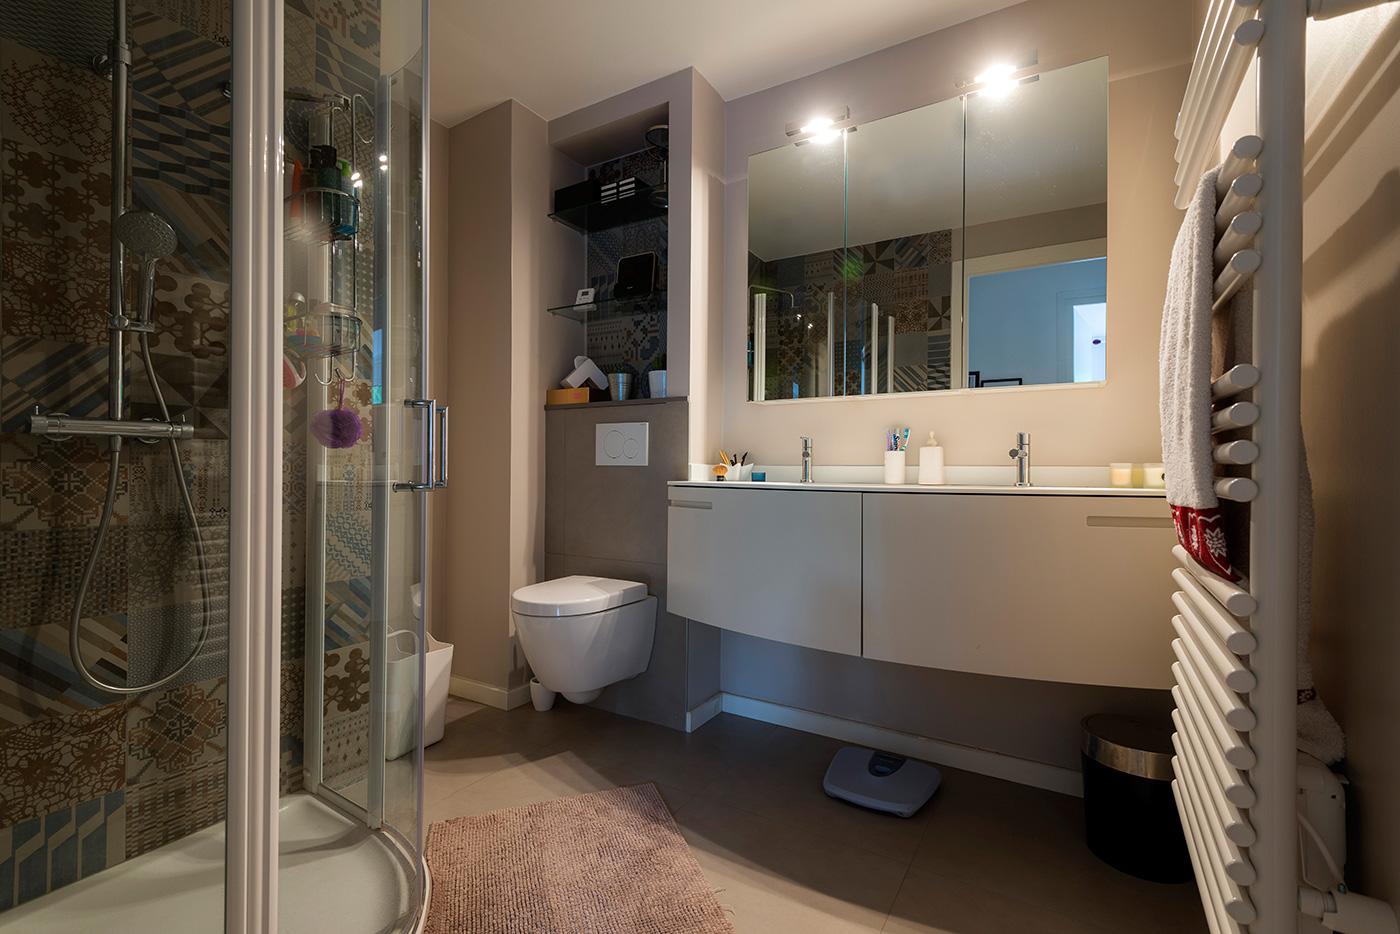 Lave Linge Dans Salle De Bain petites salle de bains à aménager - ricou